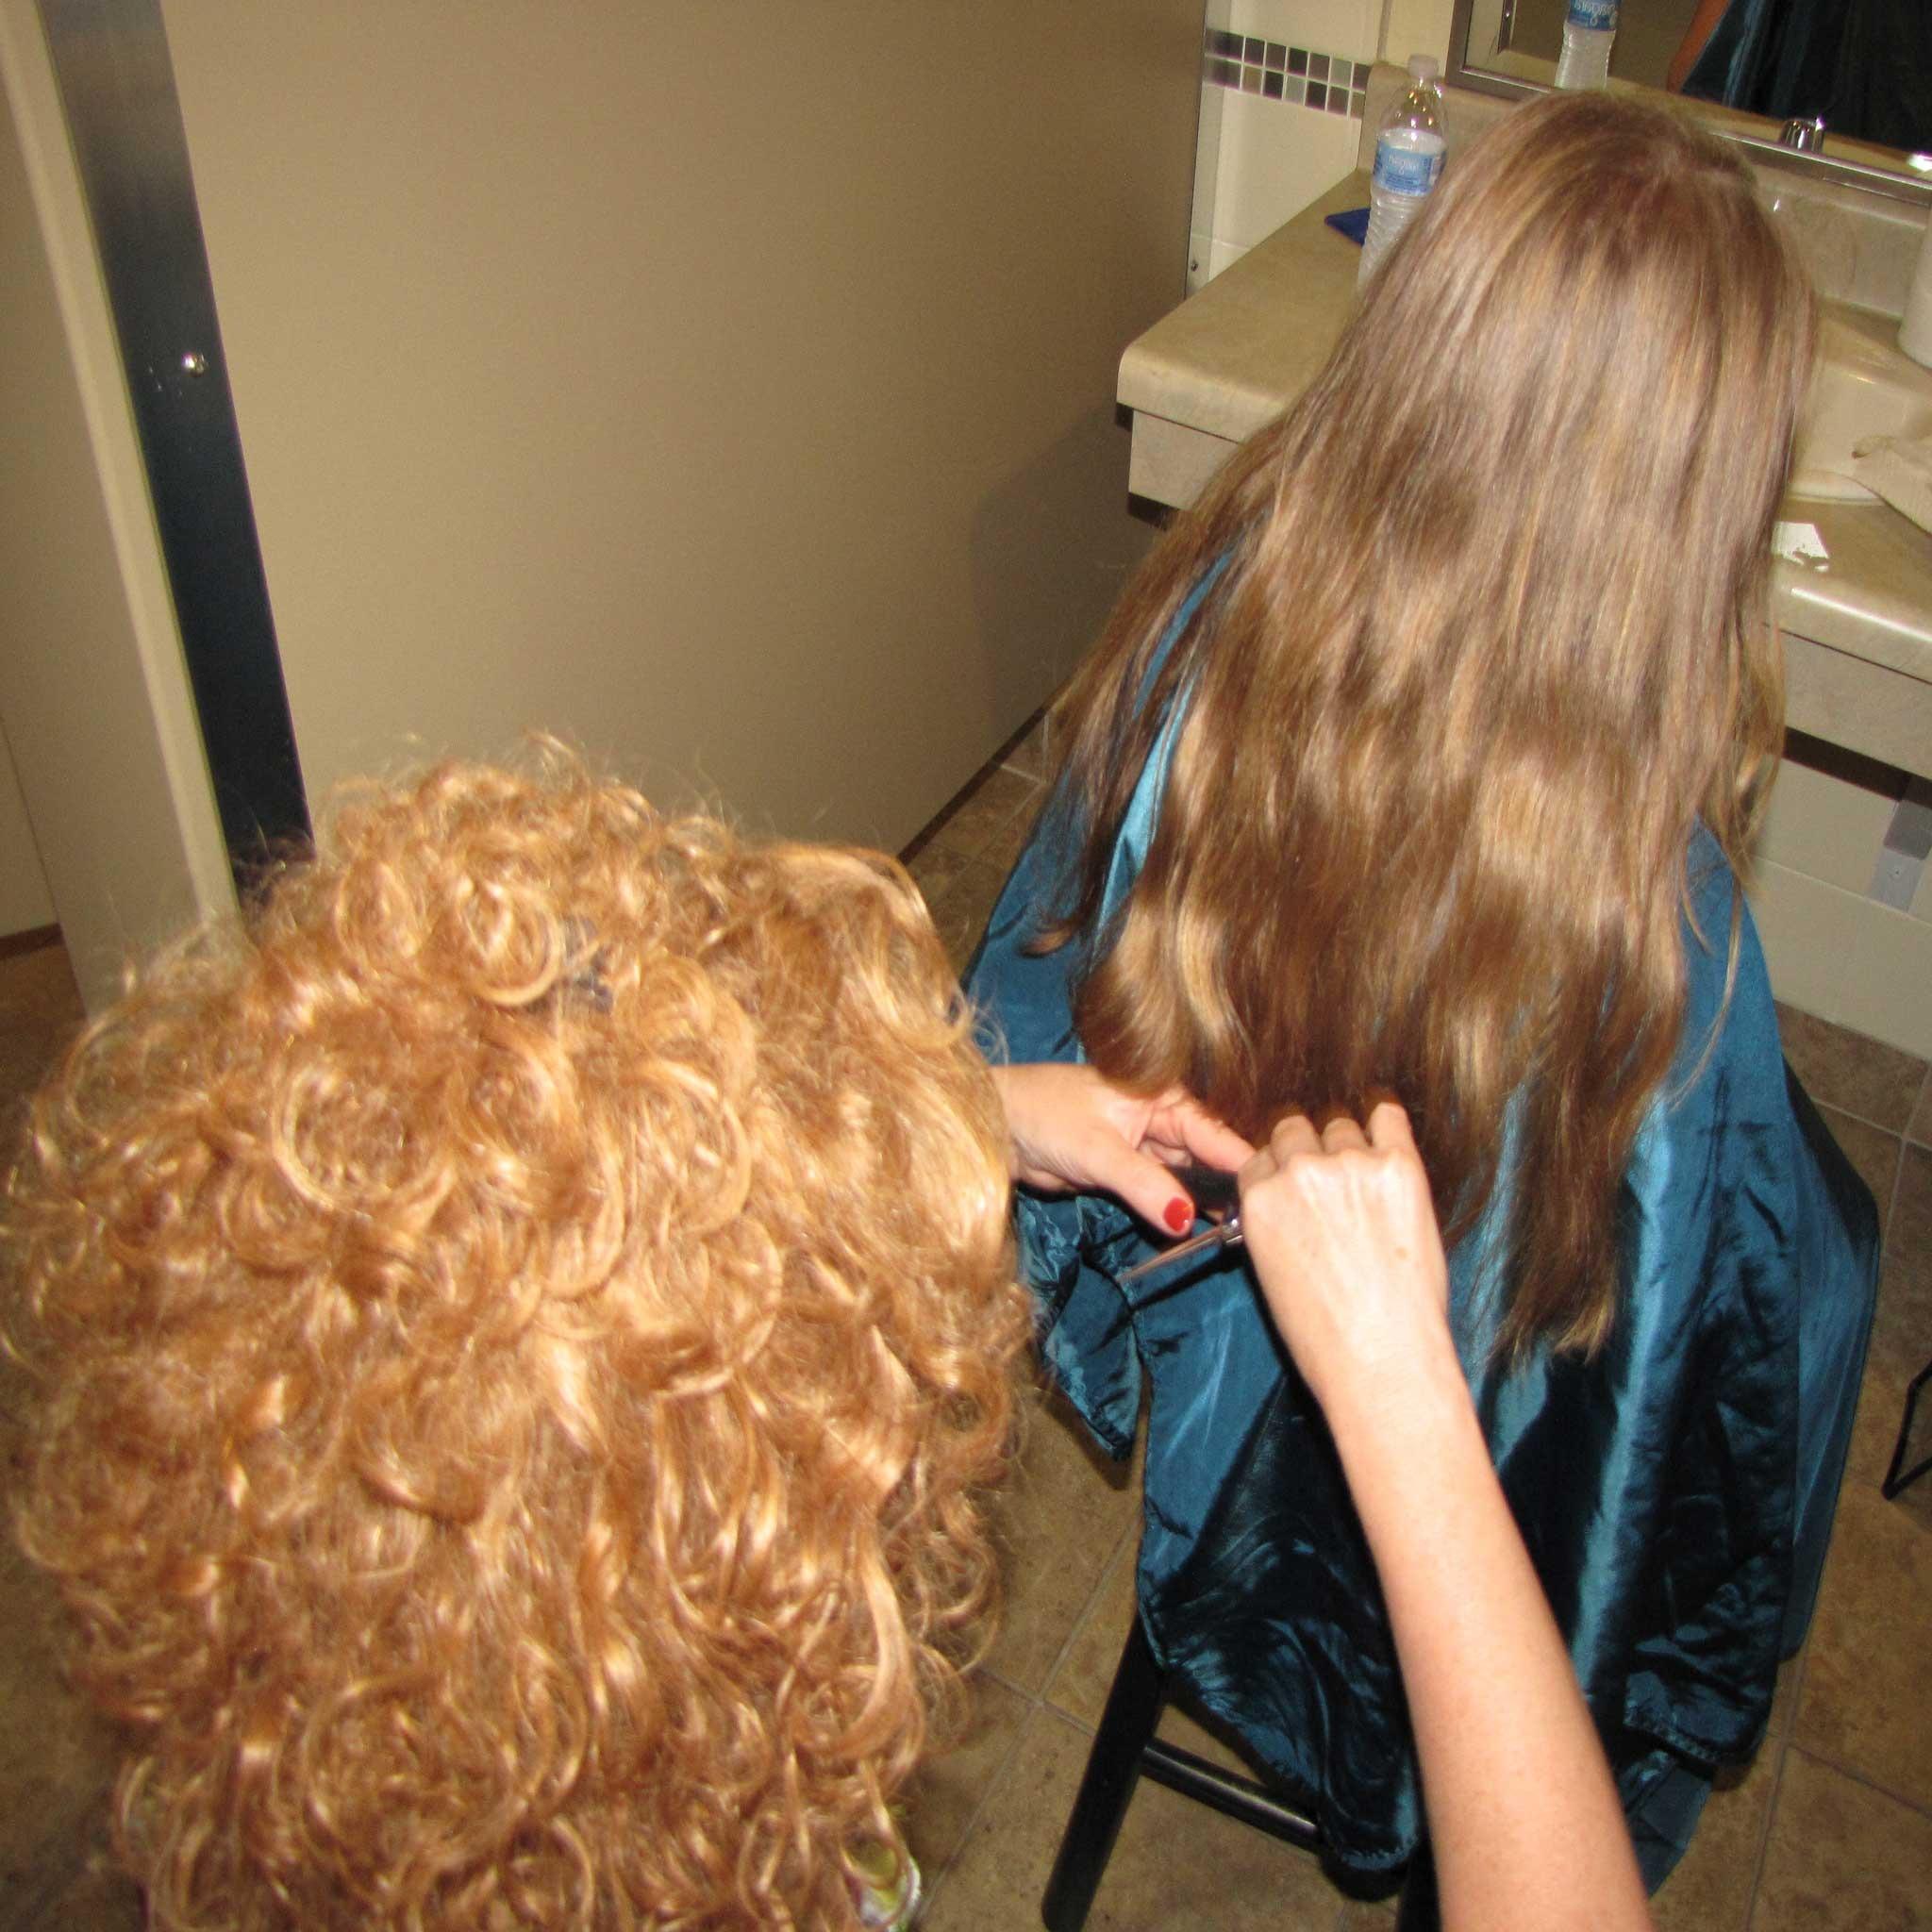 26bc5f6e1d4e20620ed0_haircut_fb.jpg